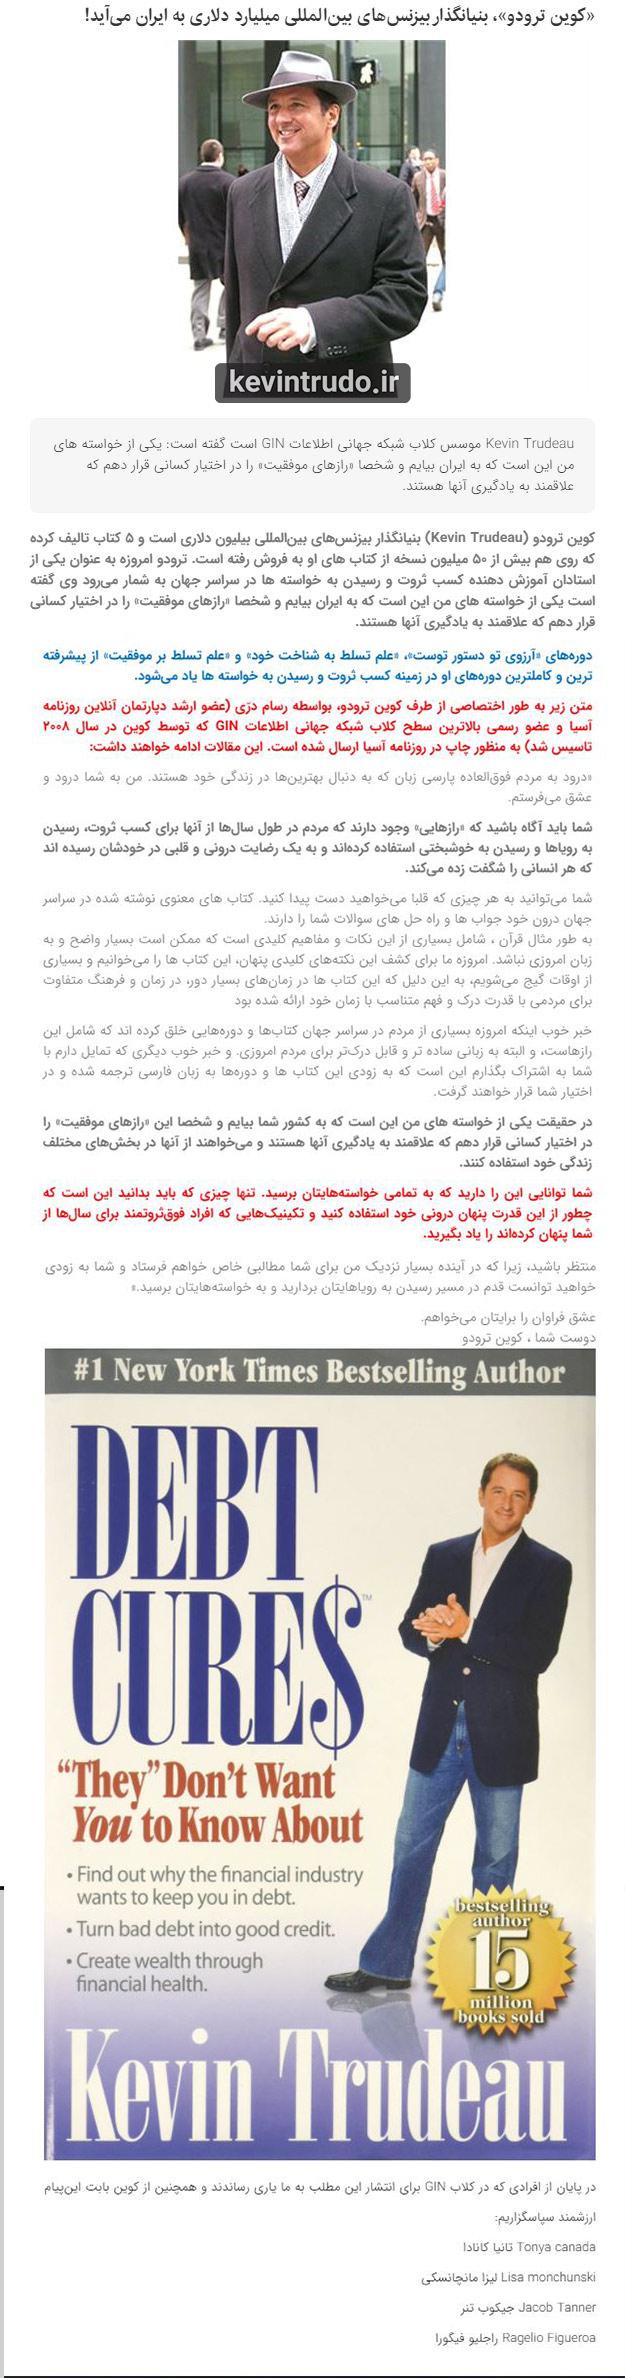 آمدن کوین ترودو به ایران